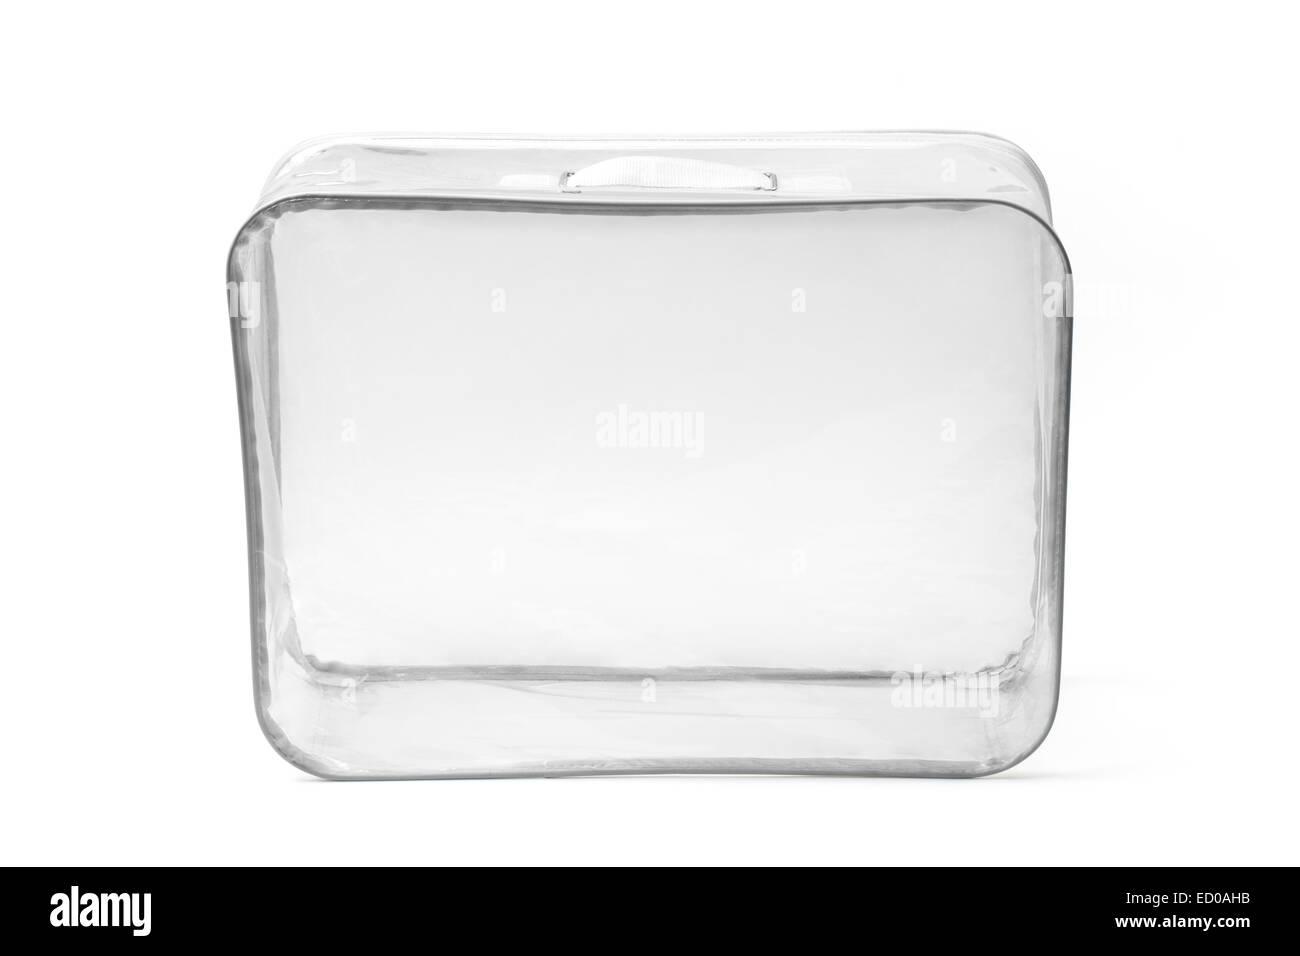 Empty transparent suitcase isolated on white background. - Stock Image